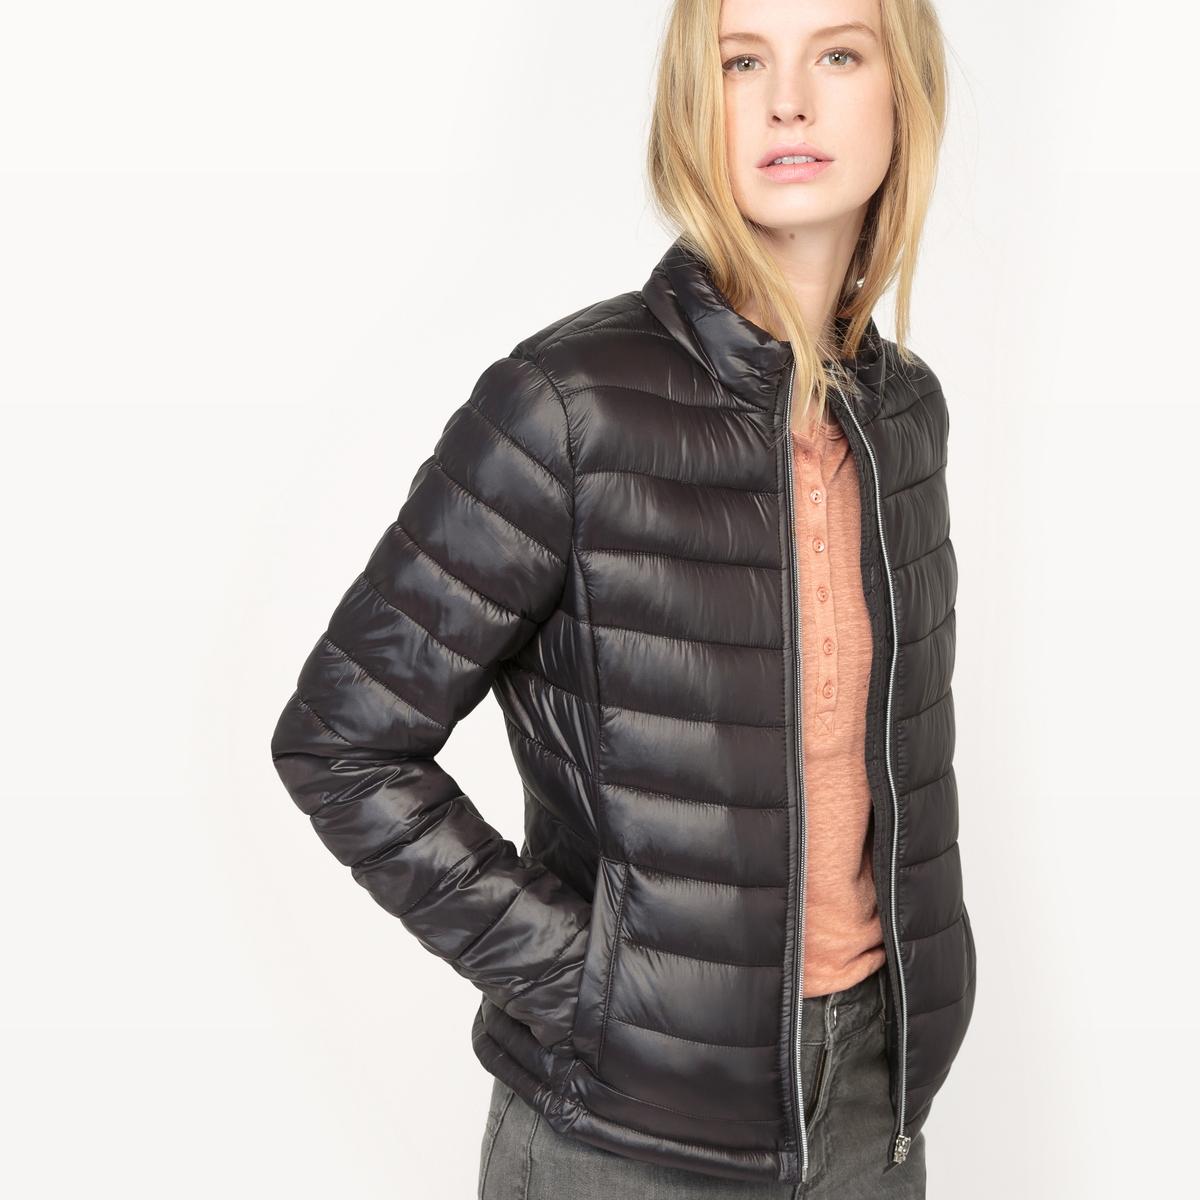 Куртка стеганая тонкаяМатериал : 100% полиамид  Тип застежки : застежка на молнию   Форма воротника : круглый вырез  Длина куртки : короткая  Рисунок : однотонная модель<br><br>Цвет: светло-розовый,черный<br>Размер: S.XS.M